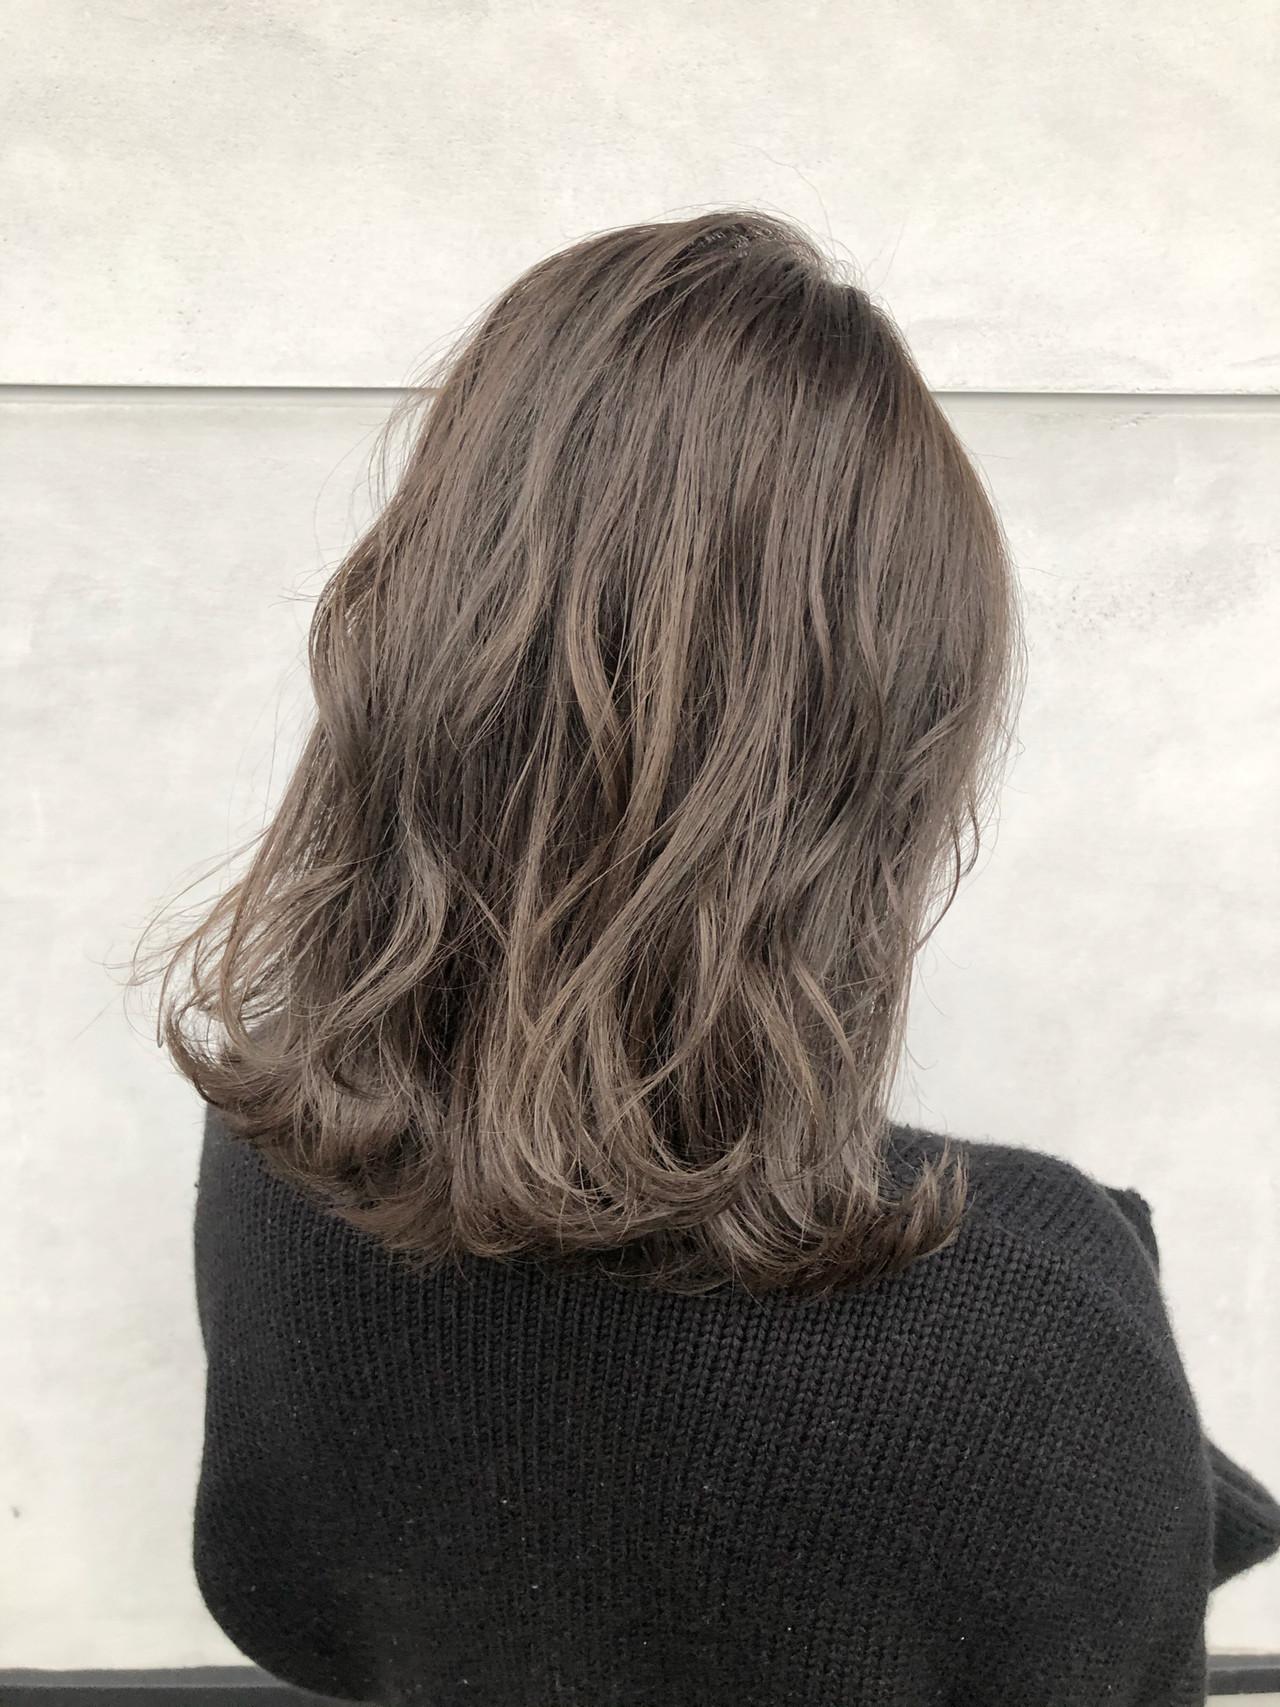 ベージュ ミディアム ミルクティーベージュ グレージュ ヘアスタイルや髪型の写真・画像